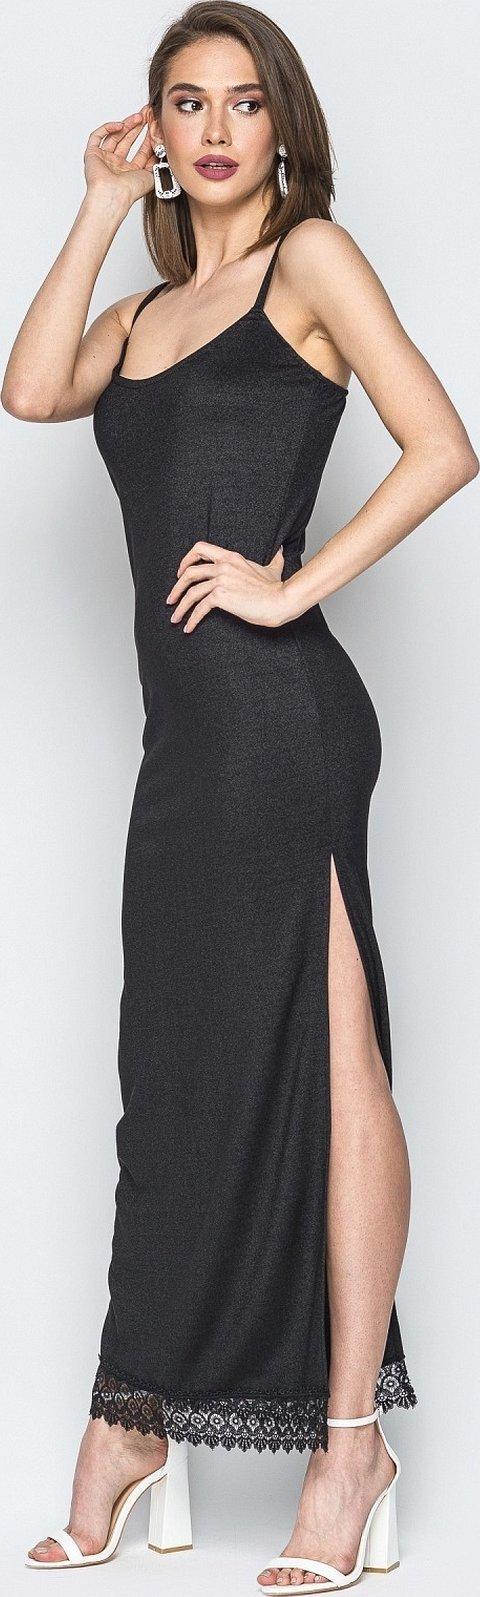 Черное платье длинное с разрезом и одним рукавом